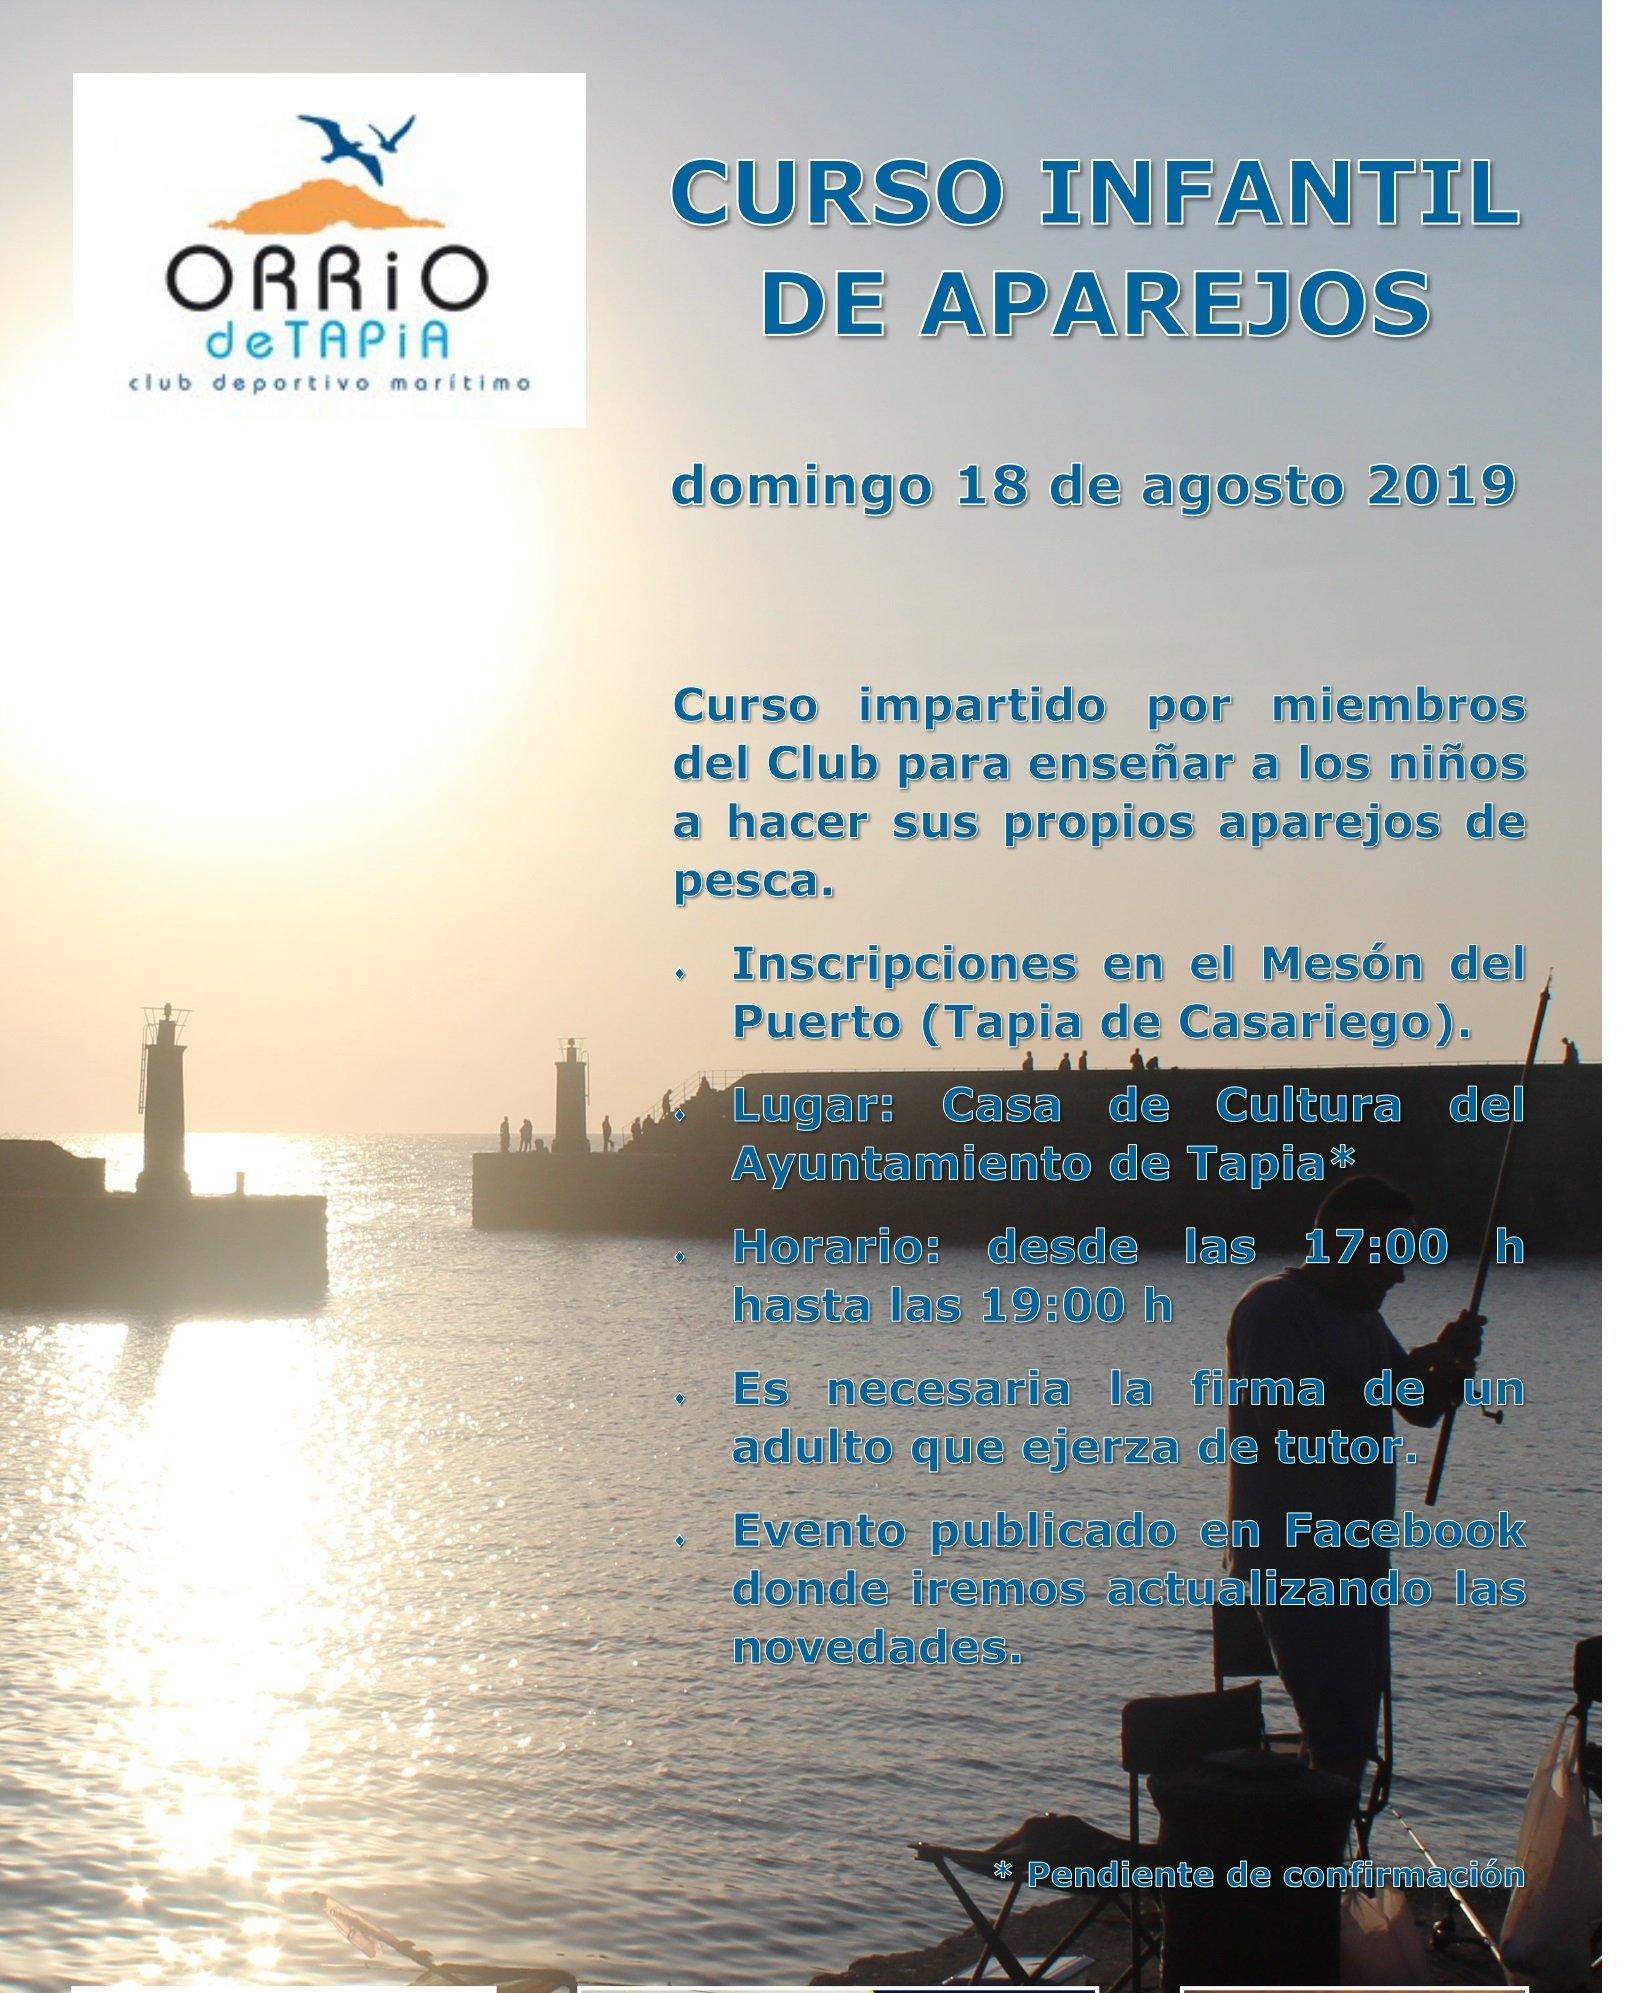 Curso Infantil de Aparejos en Tapia organizado por el Club Orrio